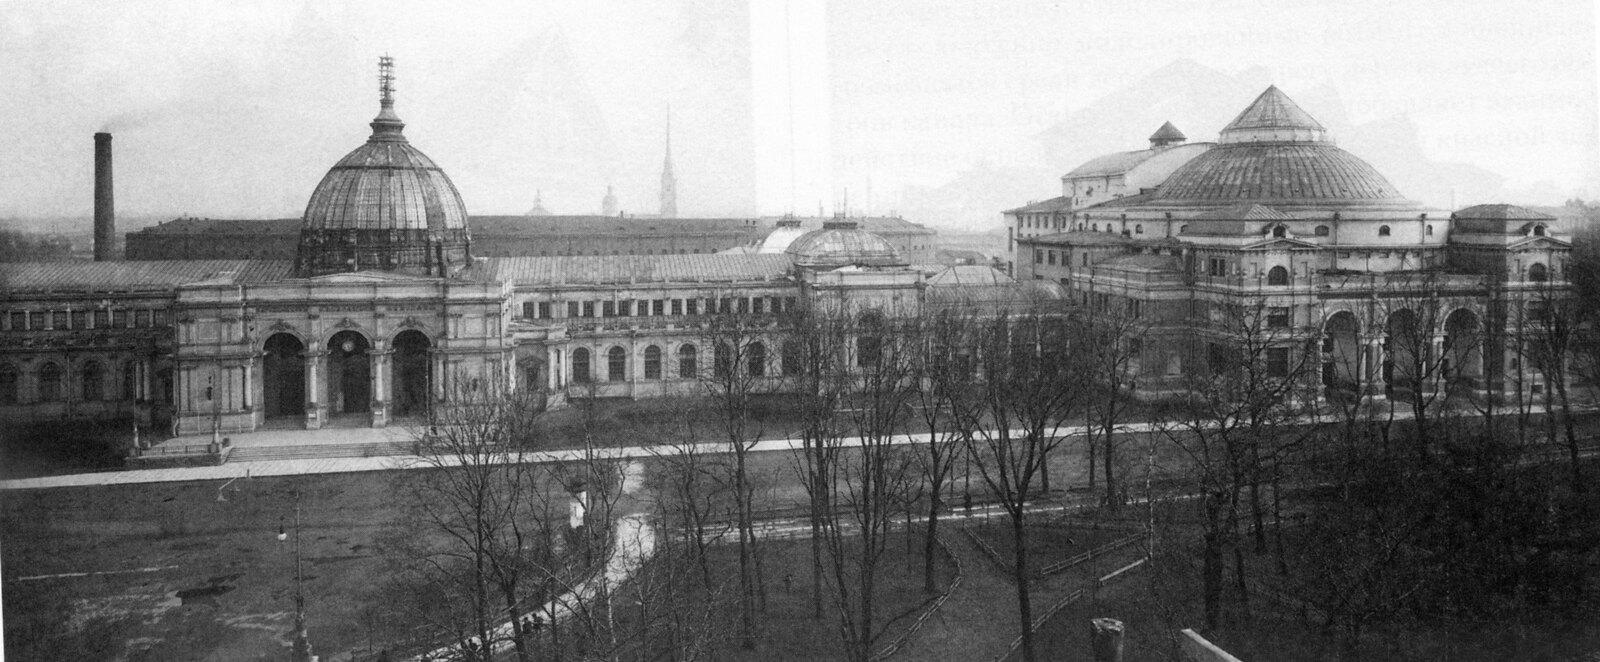 Народный дом императора Николая II. 1913